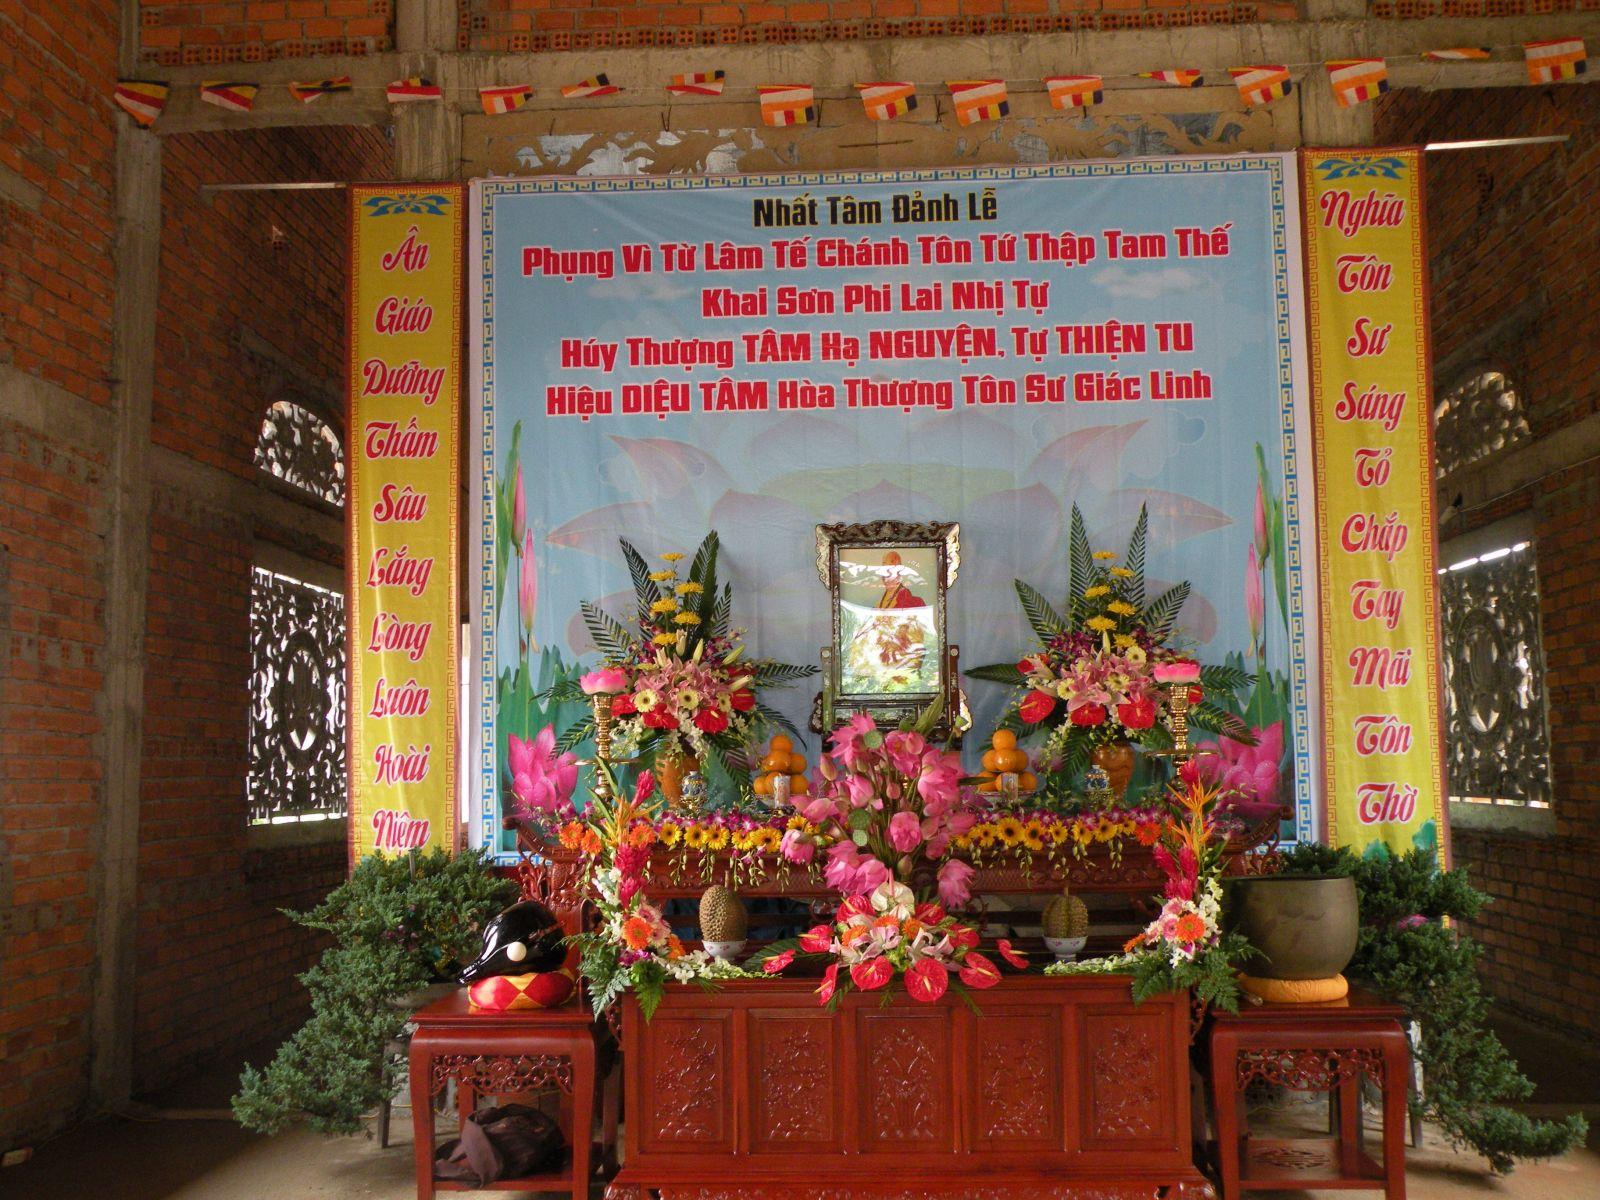 73 NĂM PHI LAI VẪN CHƯA PHAI LI